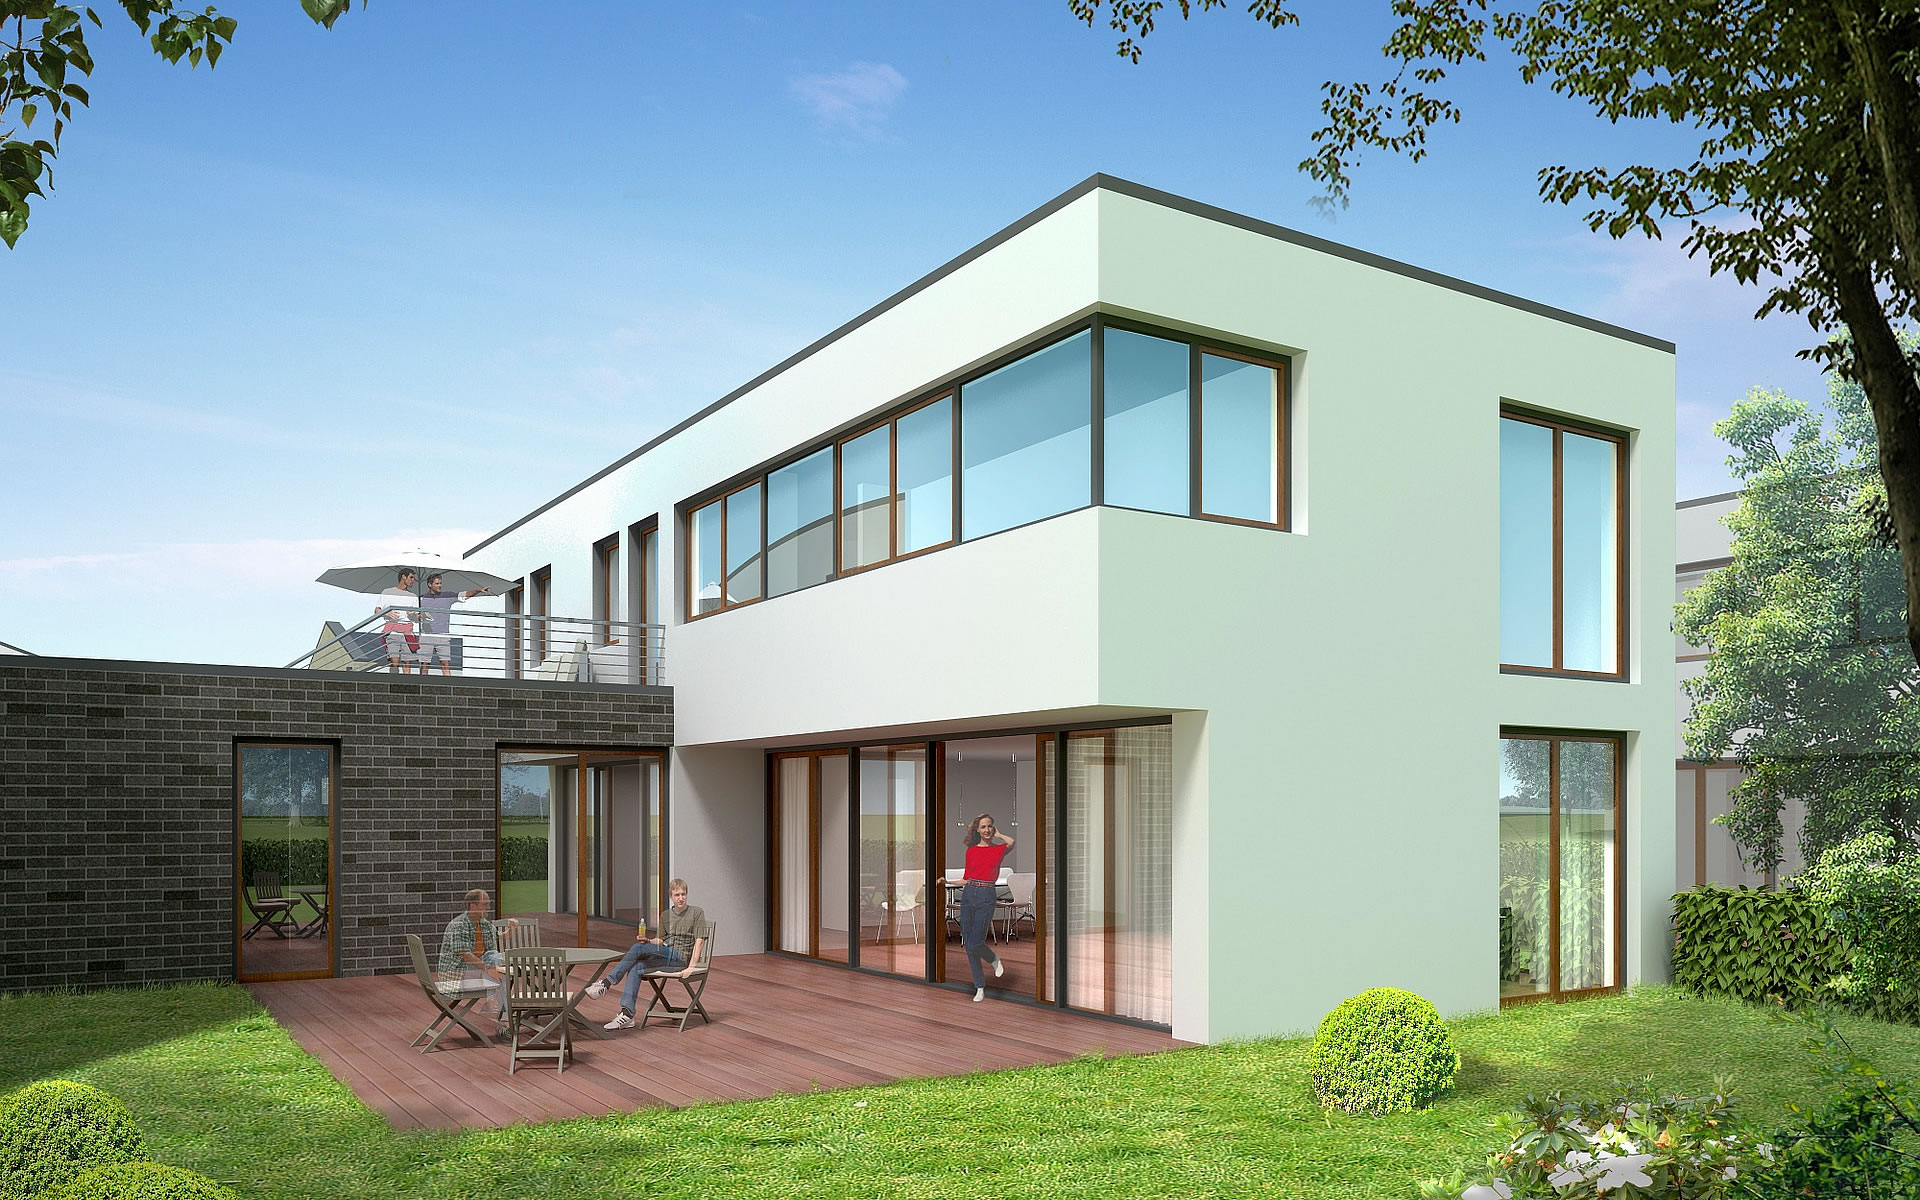 Generationen-Haus planen, bauen und einrichten. Foto: pixabay.com